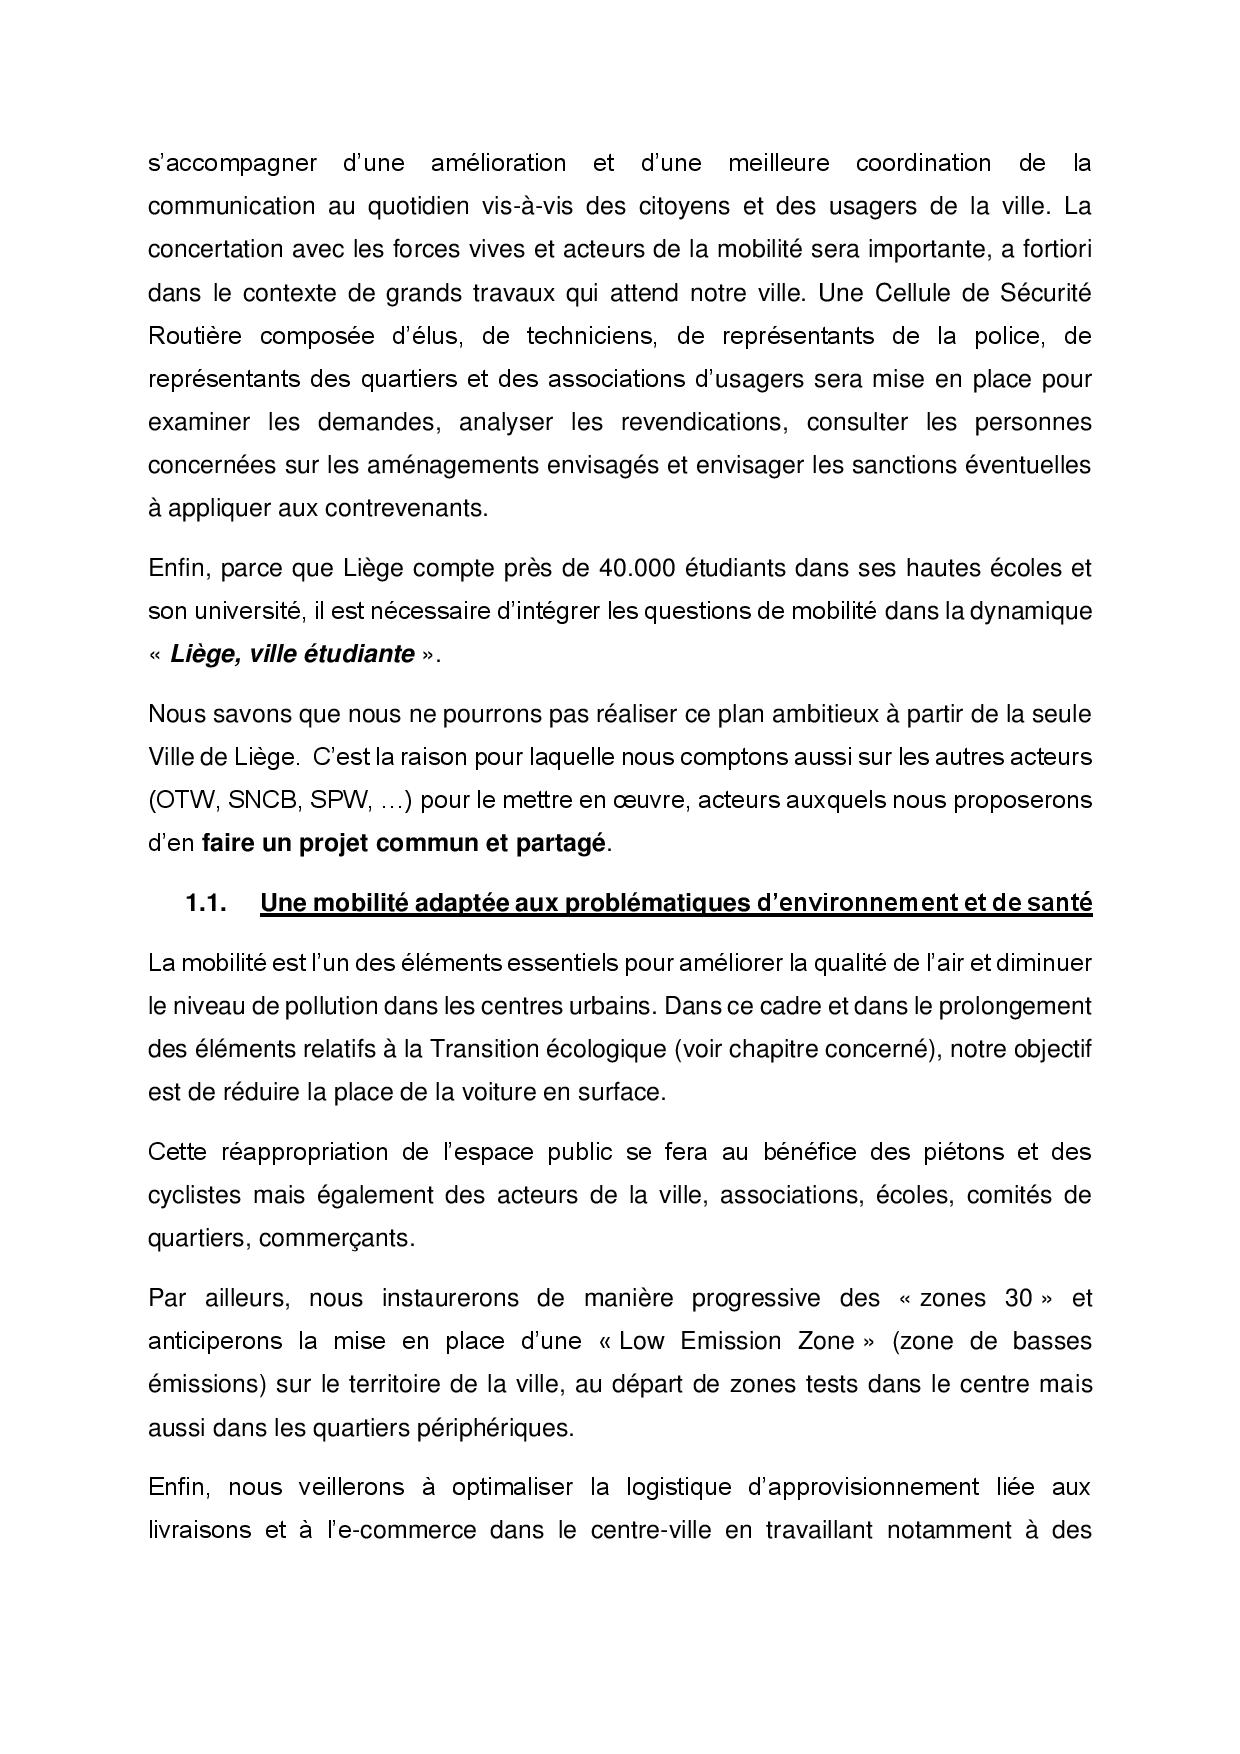 Mobilité (page 02)